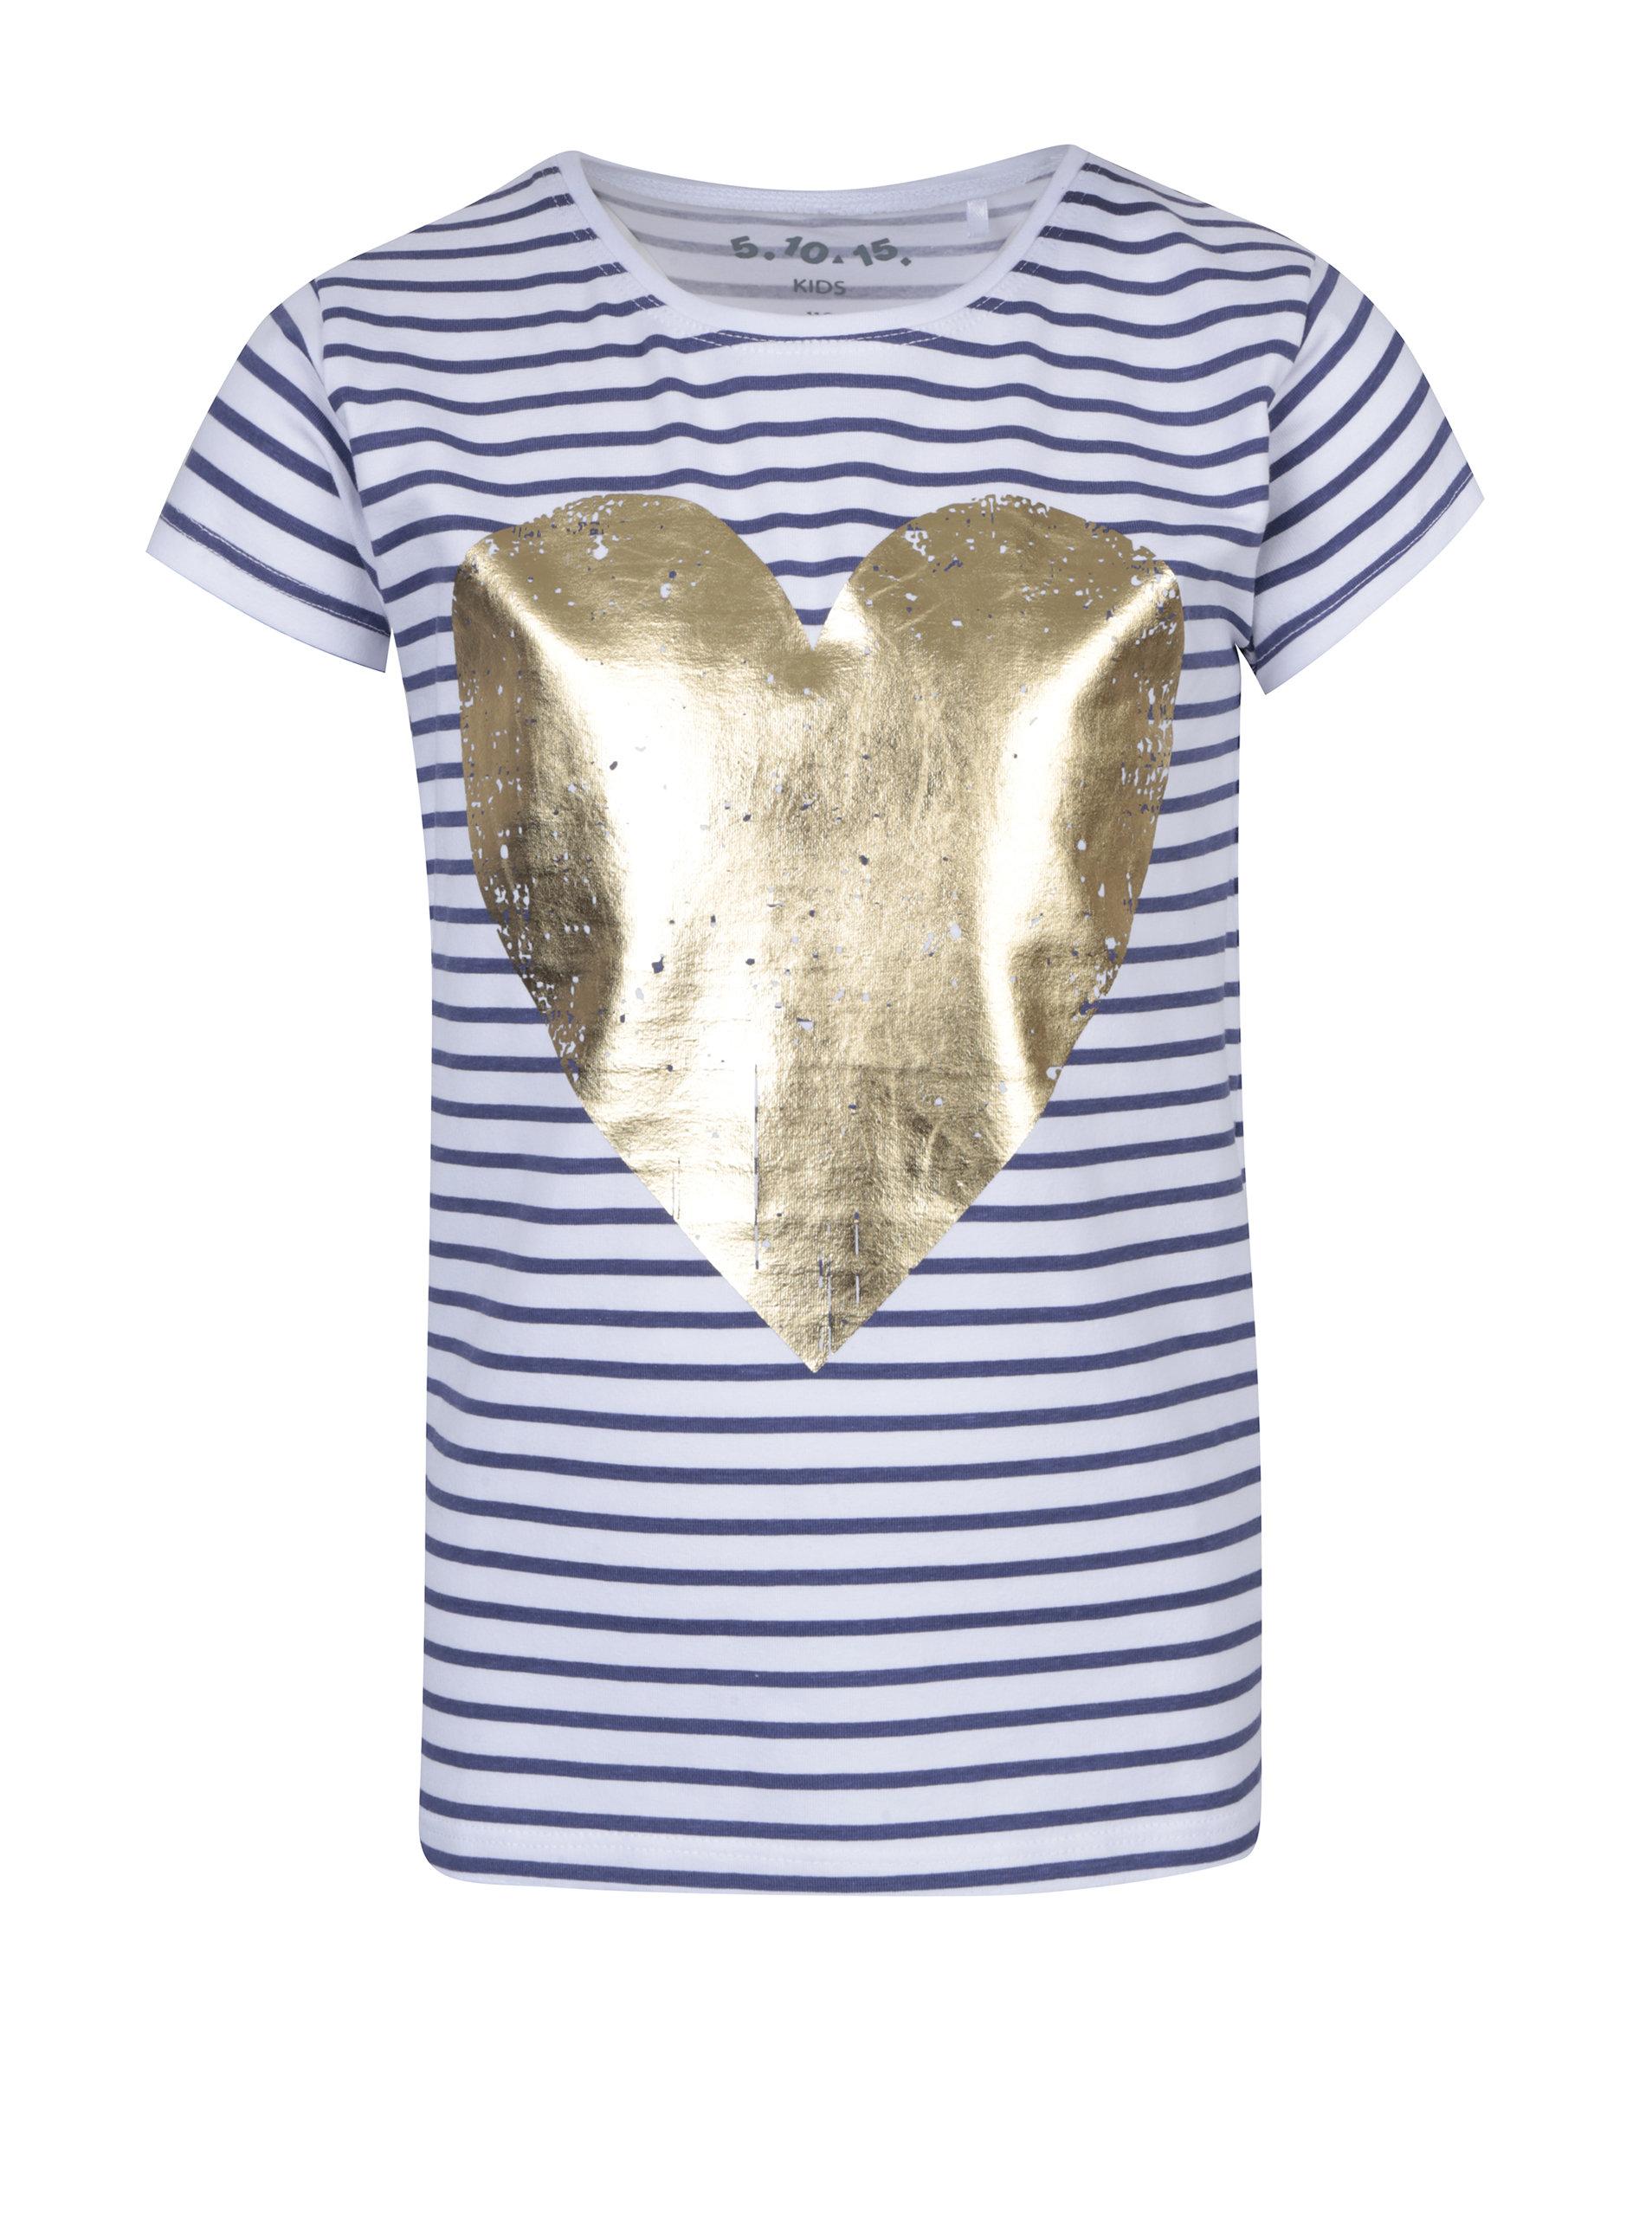 1e06cb19ddfb Modro-biele dievčenské pruhované tričko s potlačou srdca 5.10.15 ...